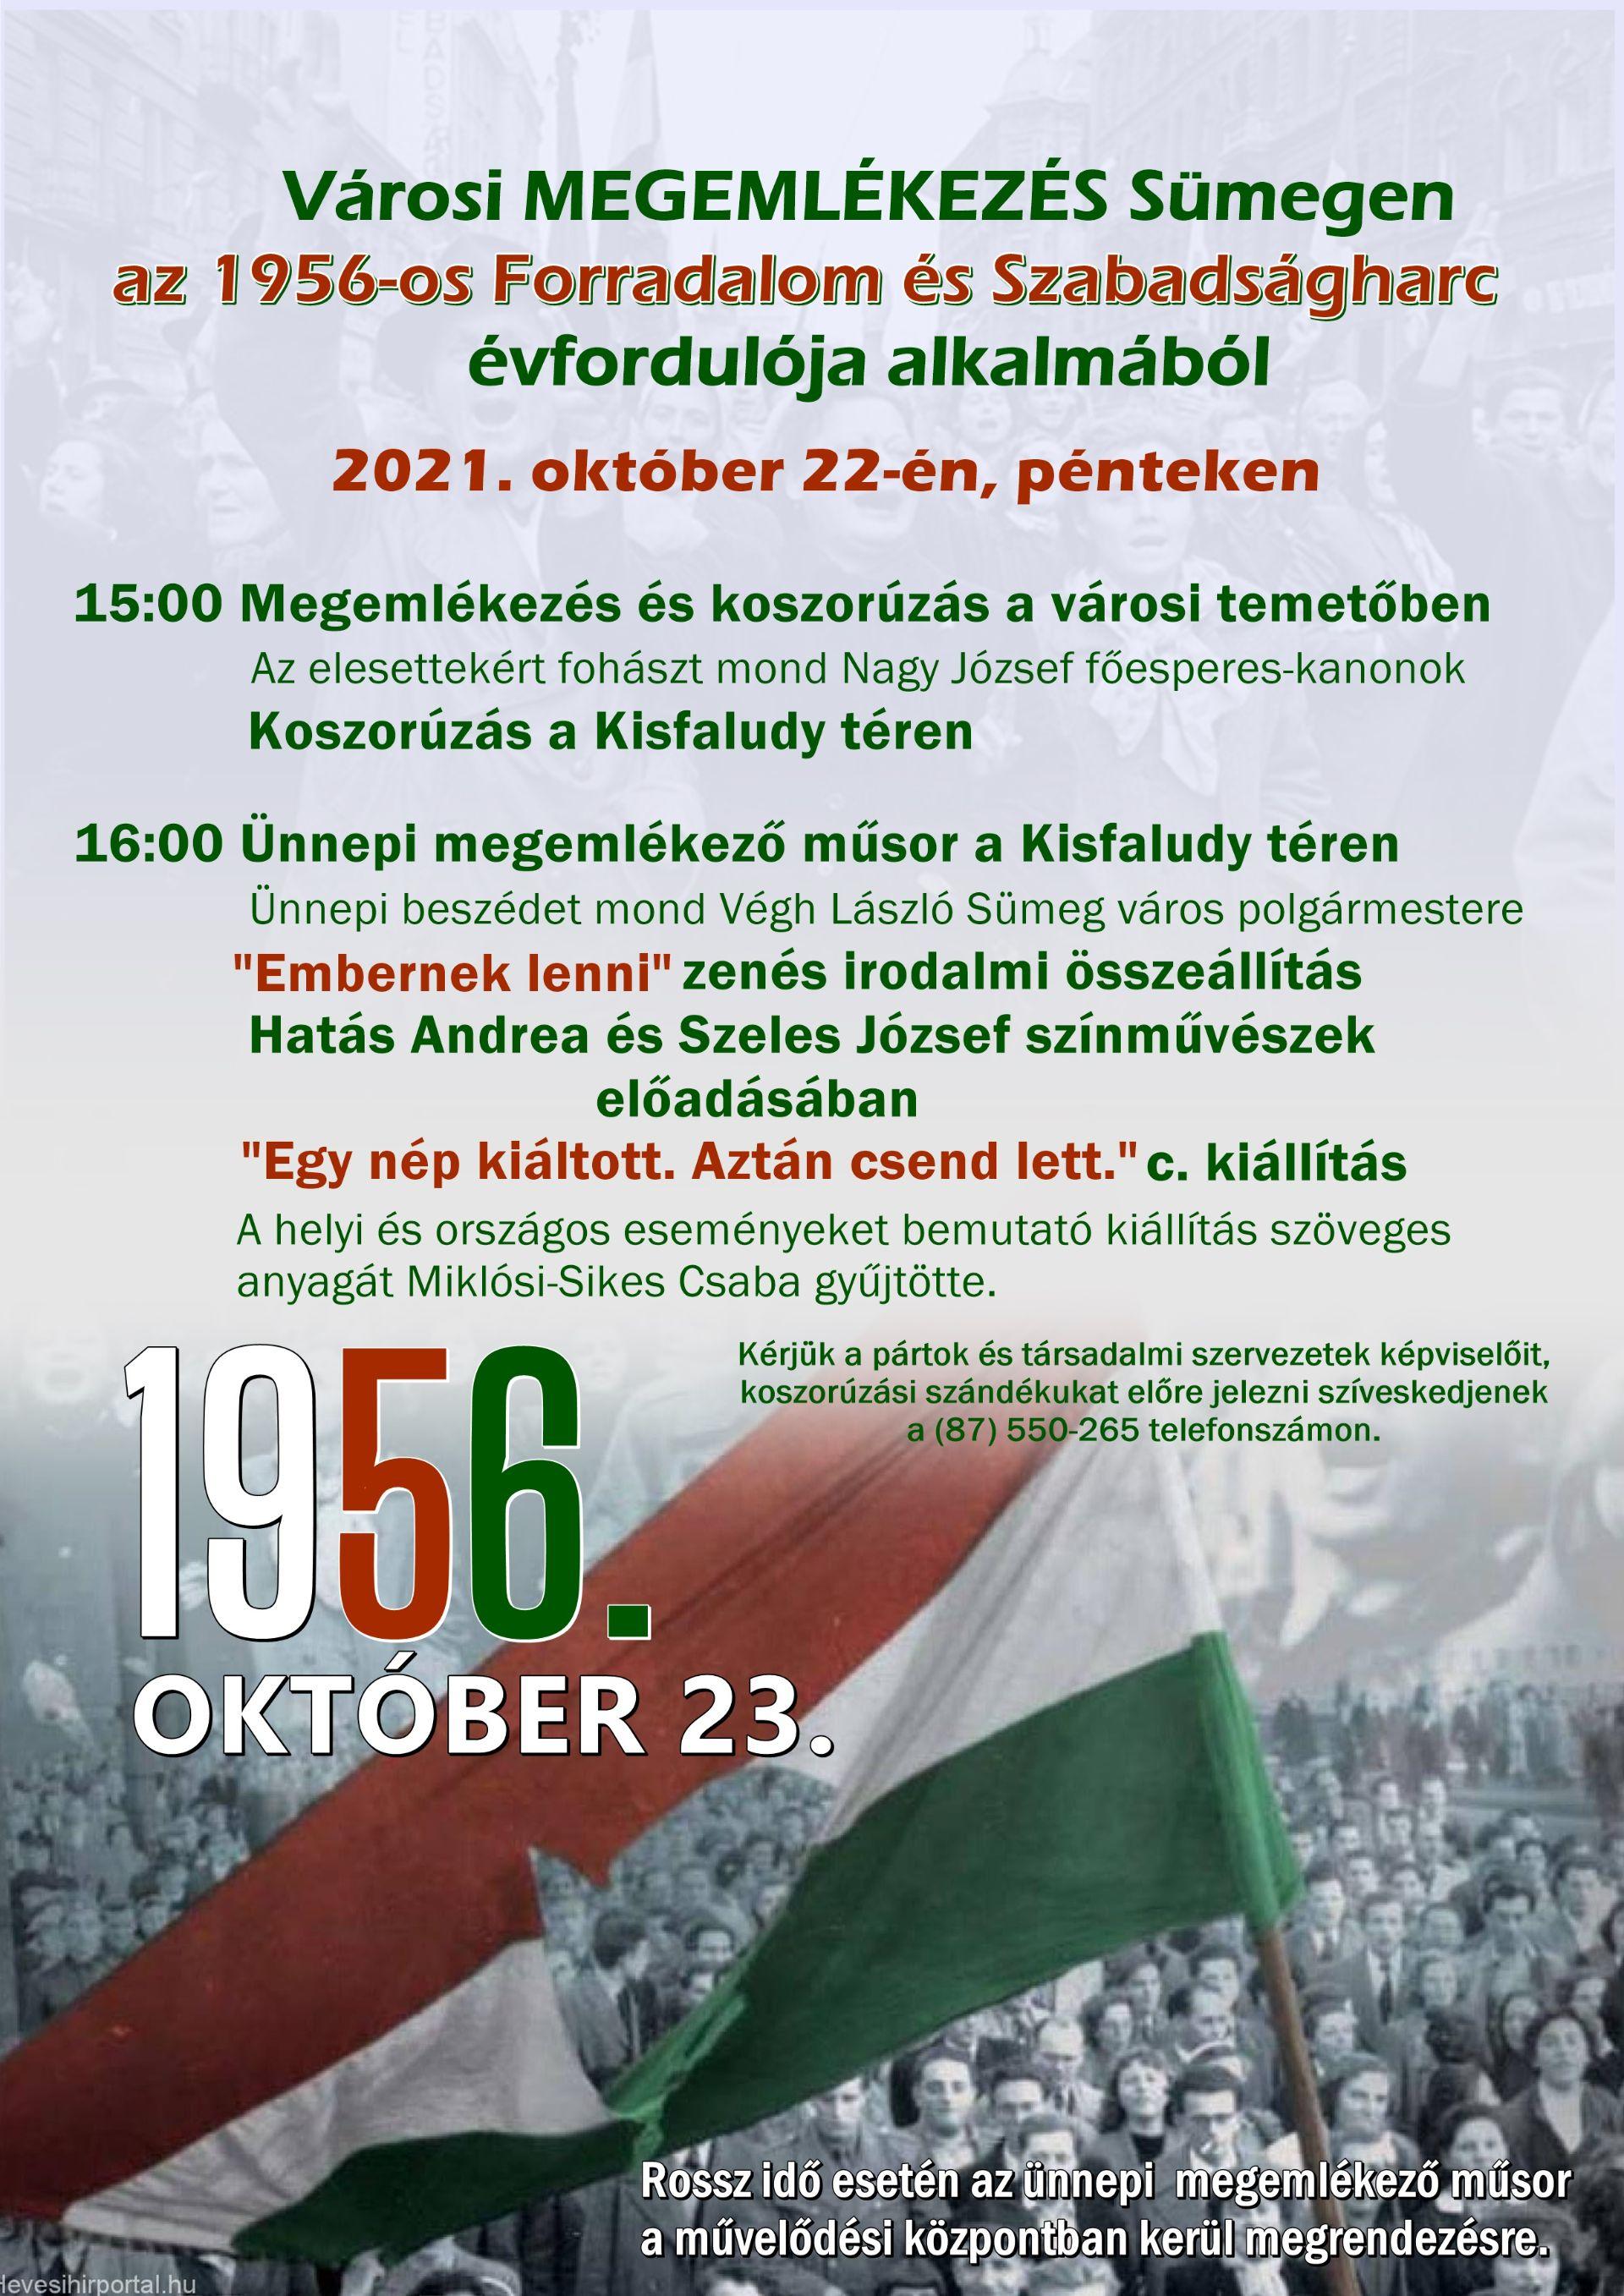 1956-os forradalom és szabadságharc